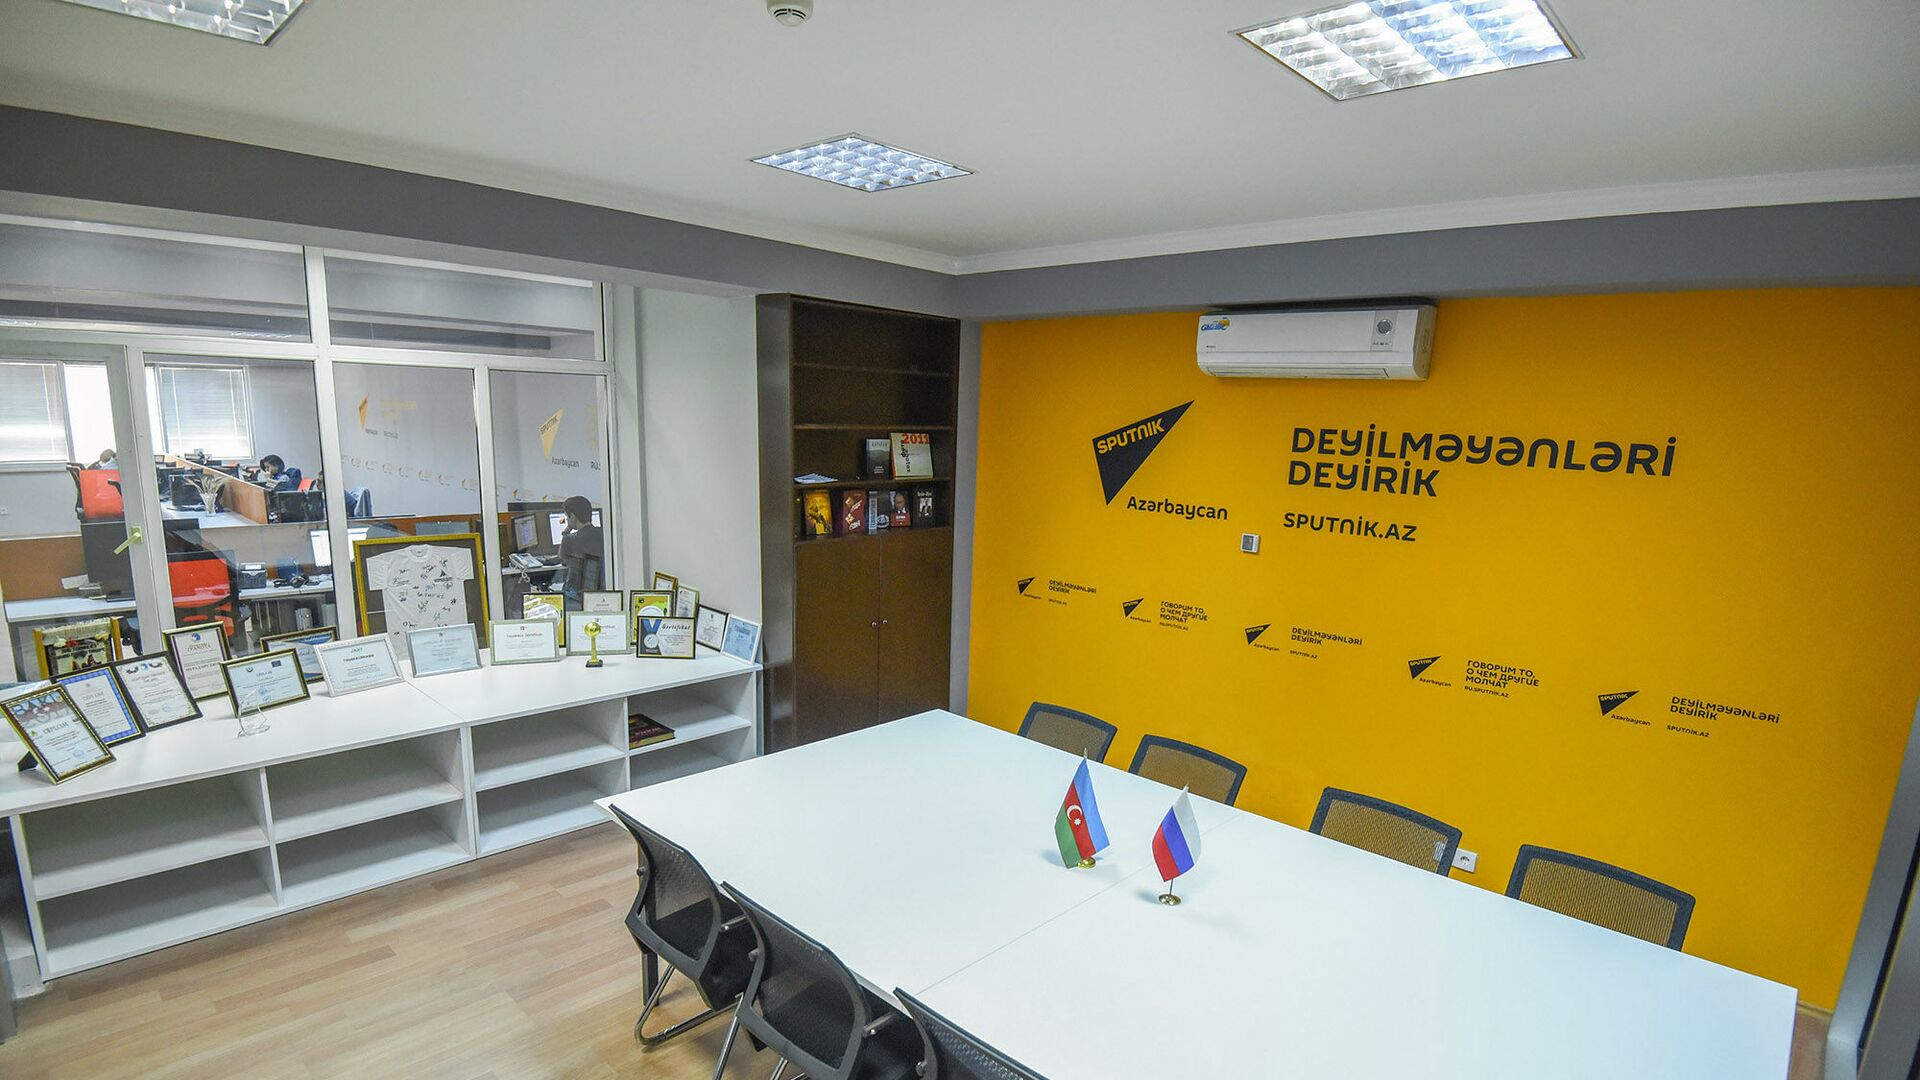 Офис Sputnik Азербайджан, фото из архива - Sputnik Азербайджан, 1920, 06.10.2021